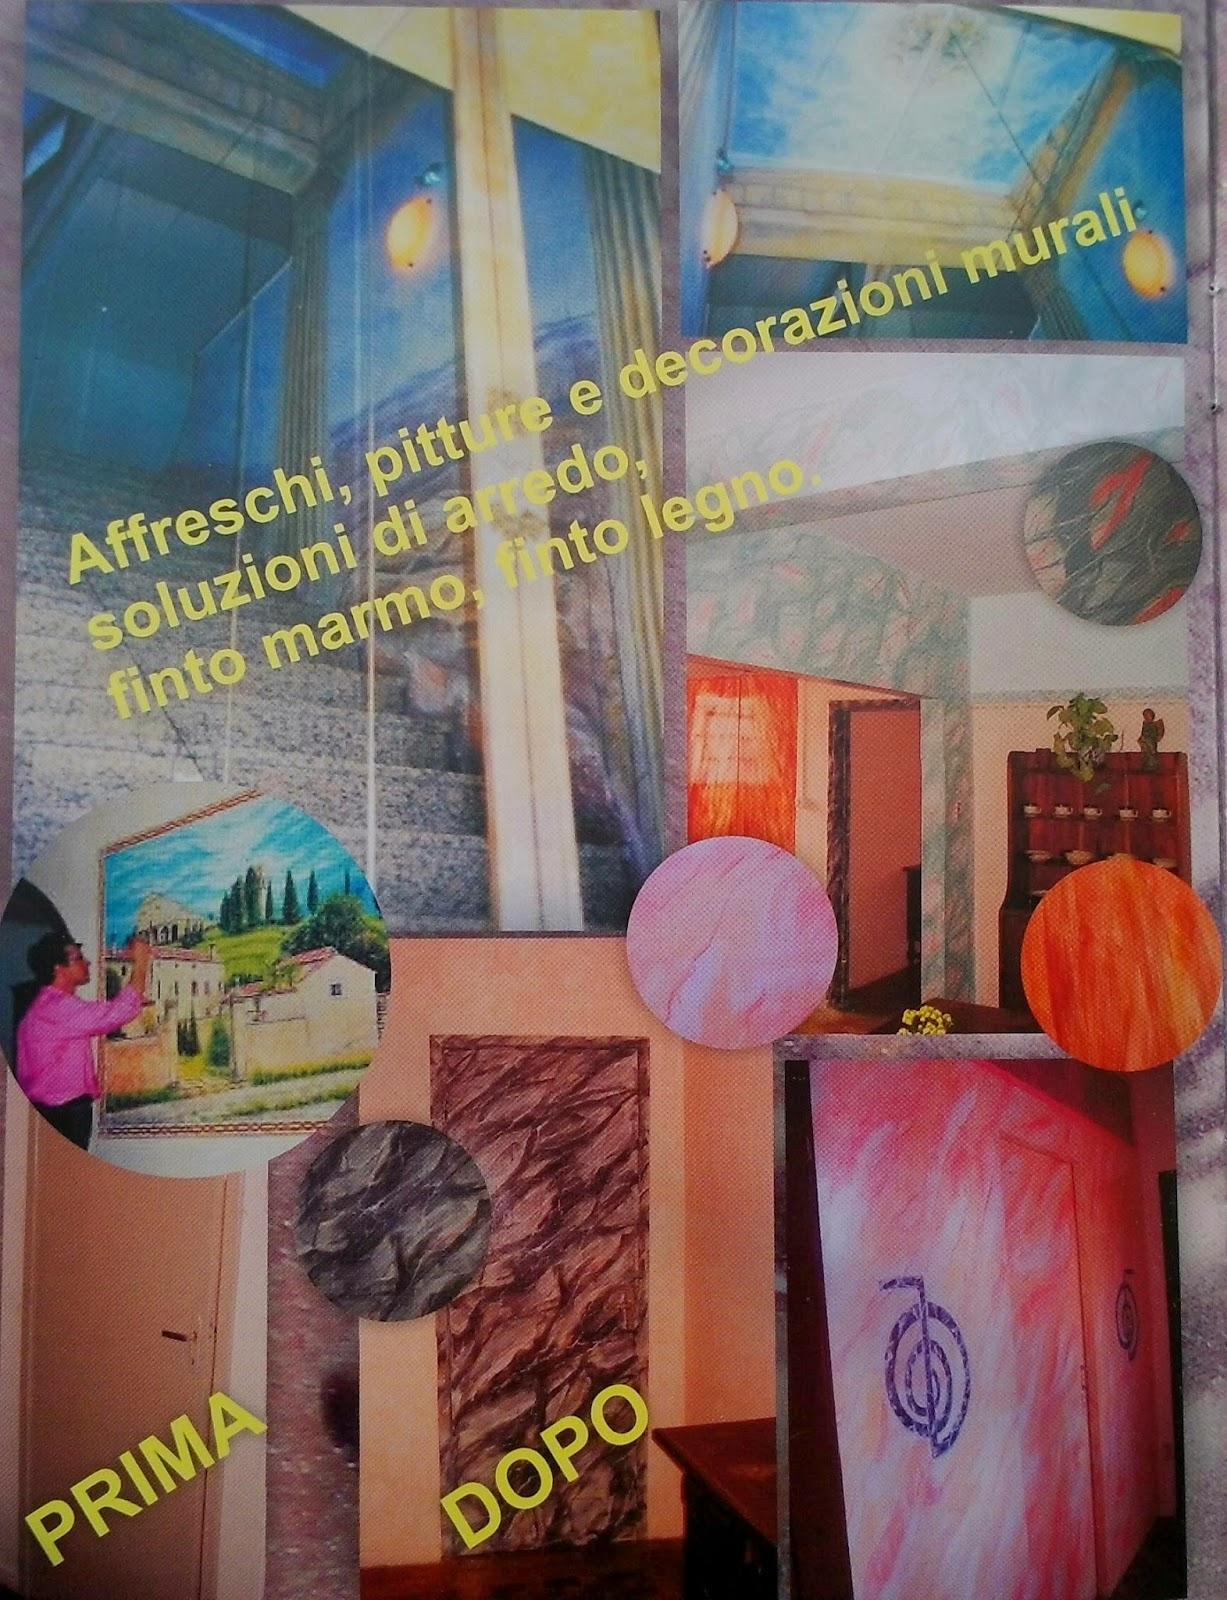 Blog arte arredo soluzioni di arredo for Arte e arredo